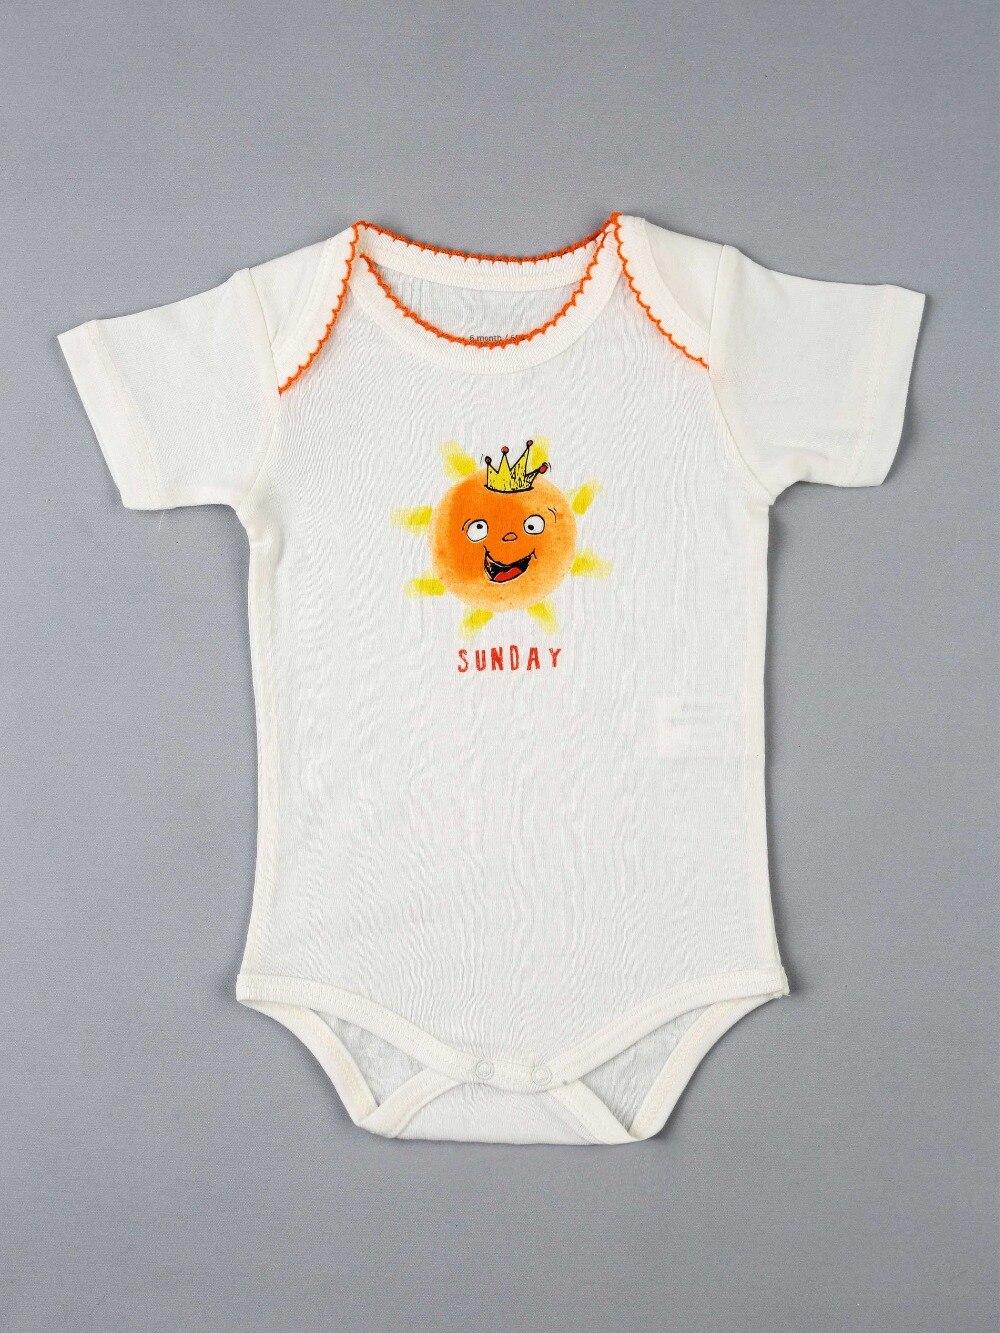 013-013-027 Beyaz Bebek Haftanın 7 Günü Özel Badi  (12)